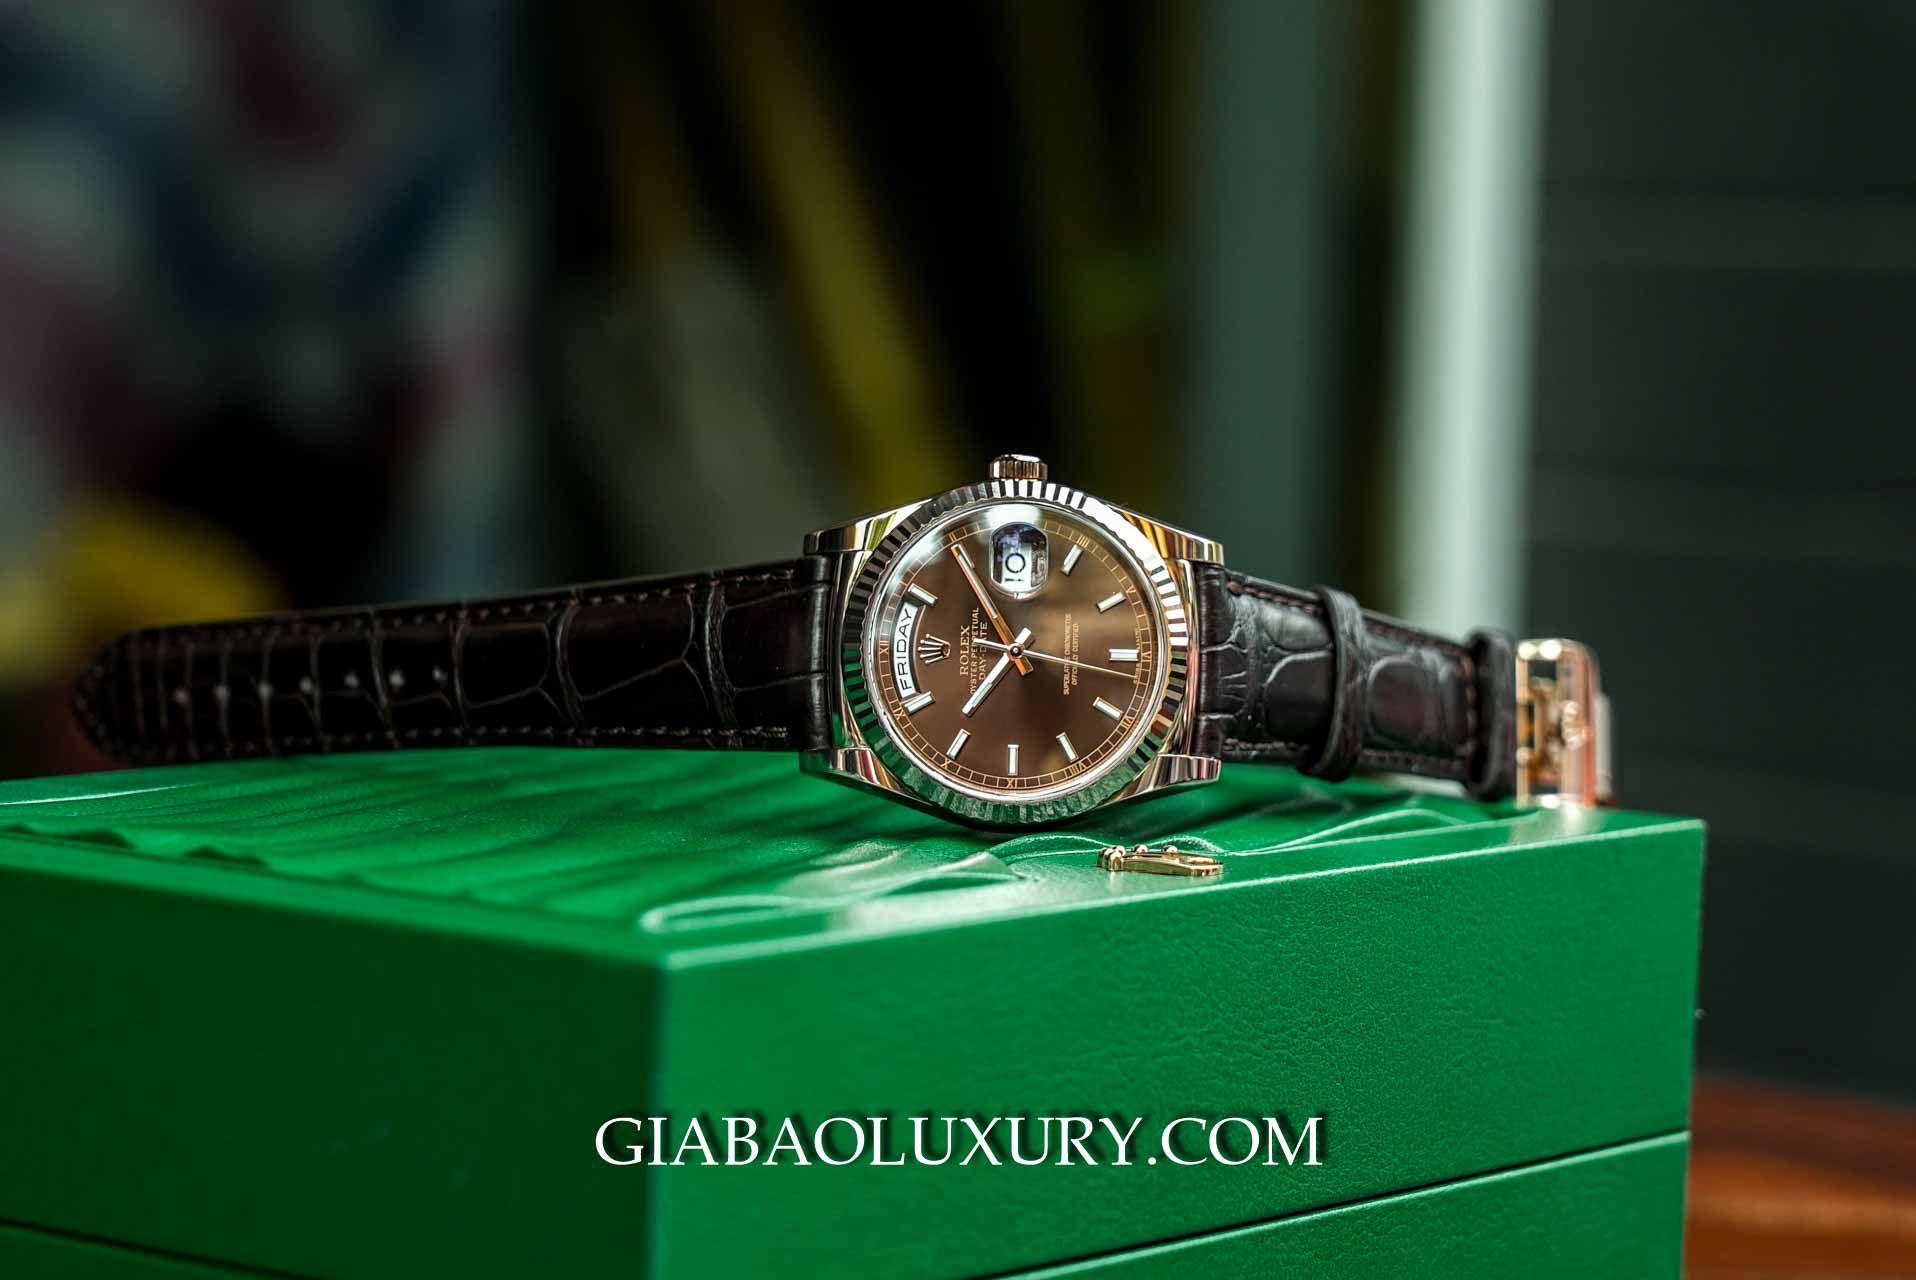 Phiên bản đồng hồ Rolex Day – Date 36 118135 Mặt Số Chocolate tại Gia Bảo Luxury